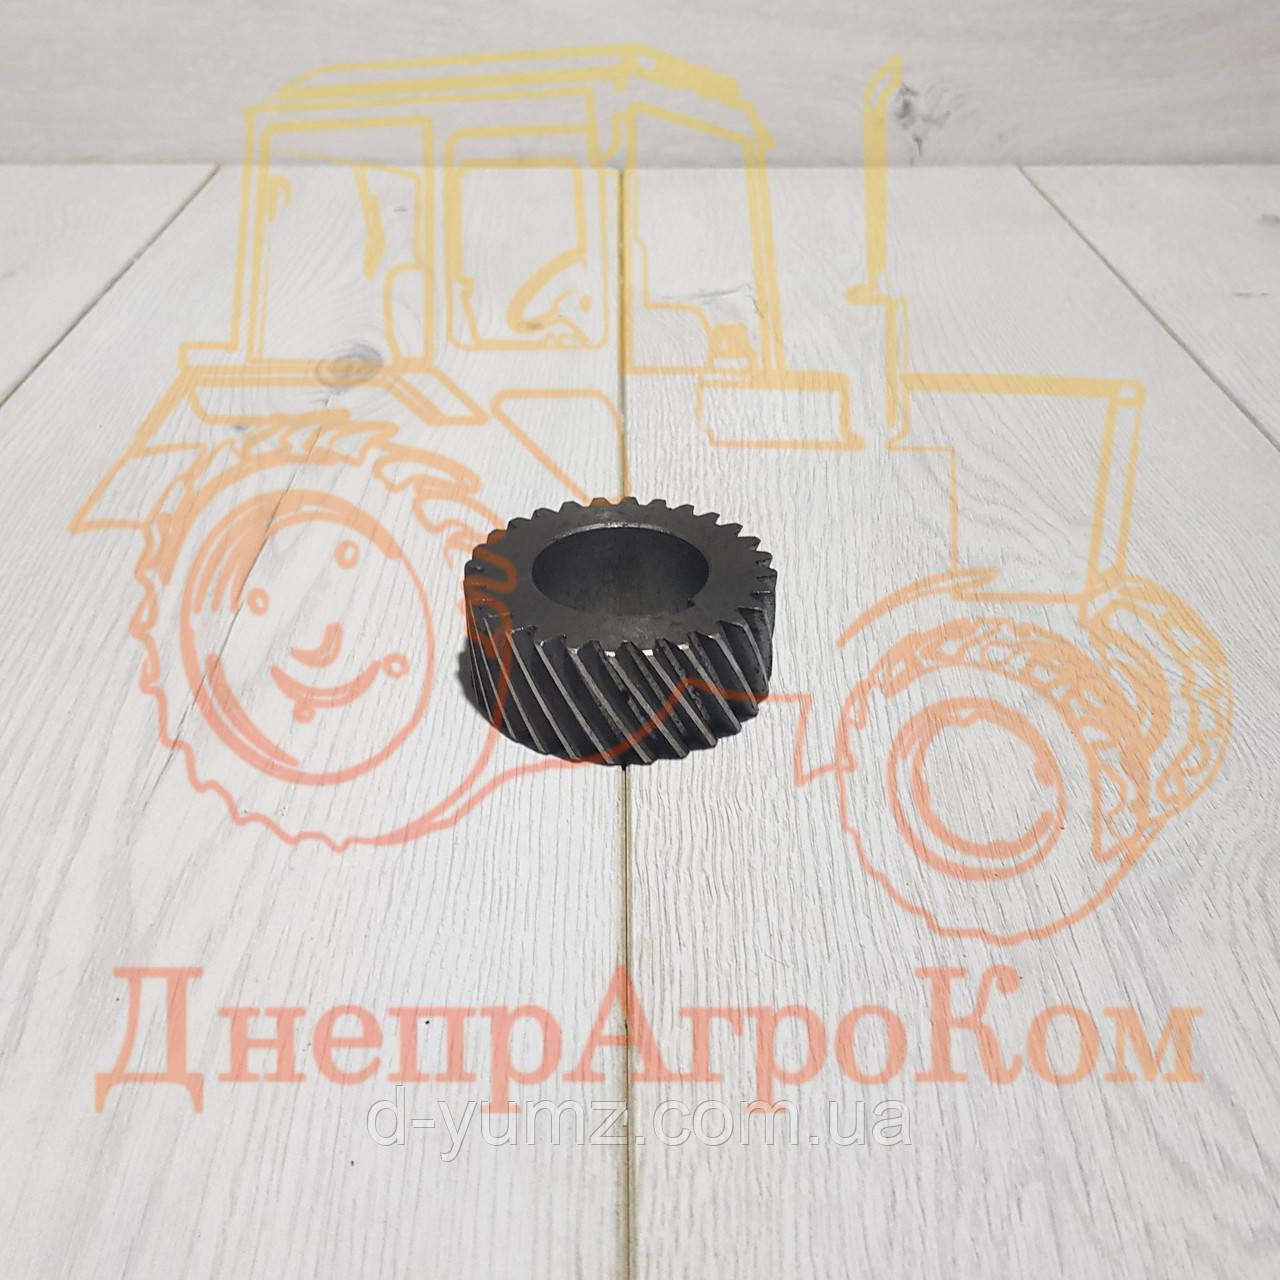 Шестерня коленвала ЮМЗ Д-65   Z=28   Д03-005